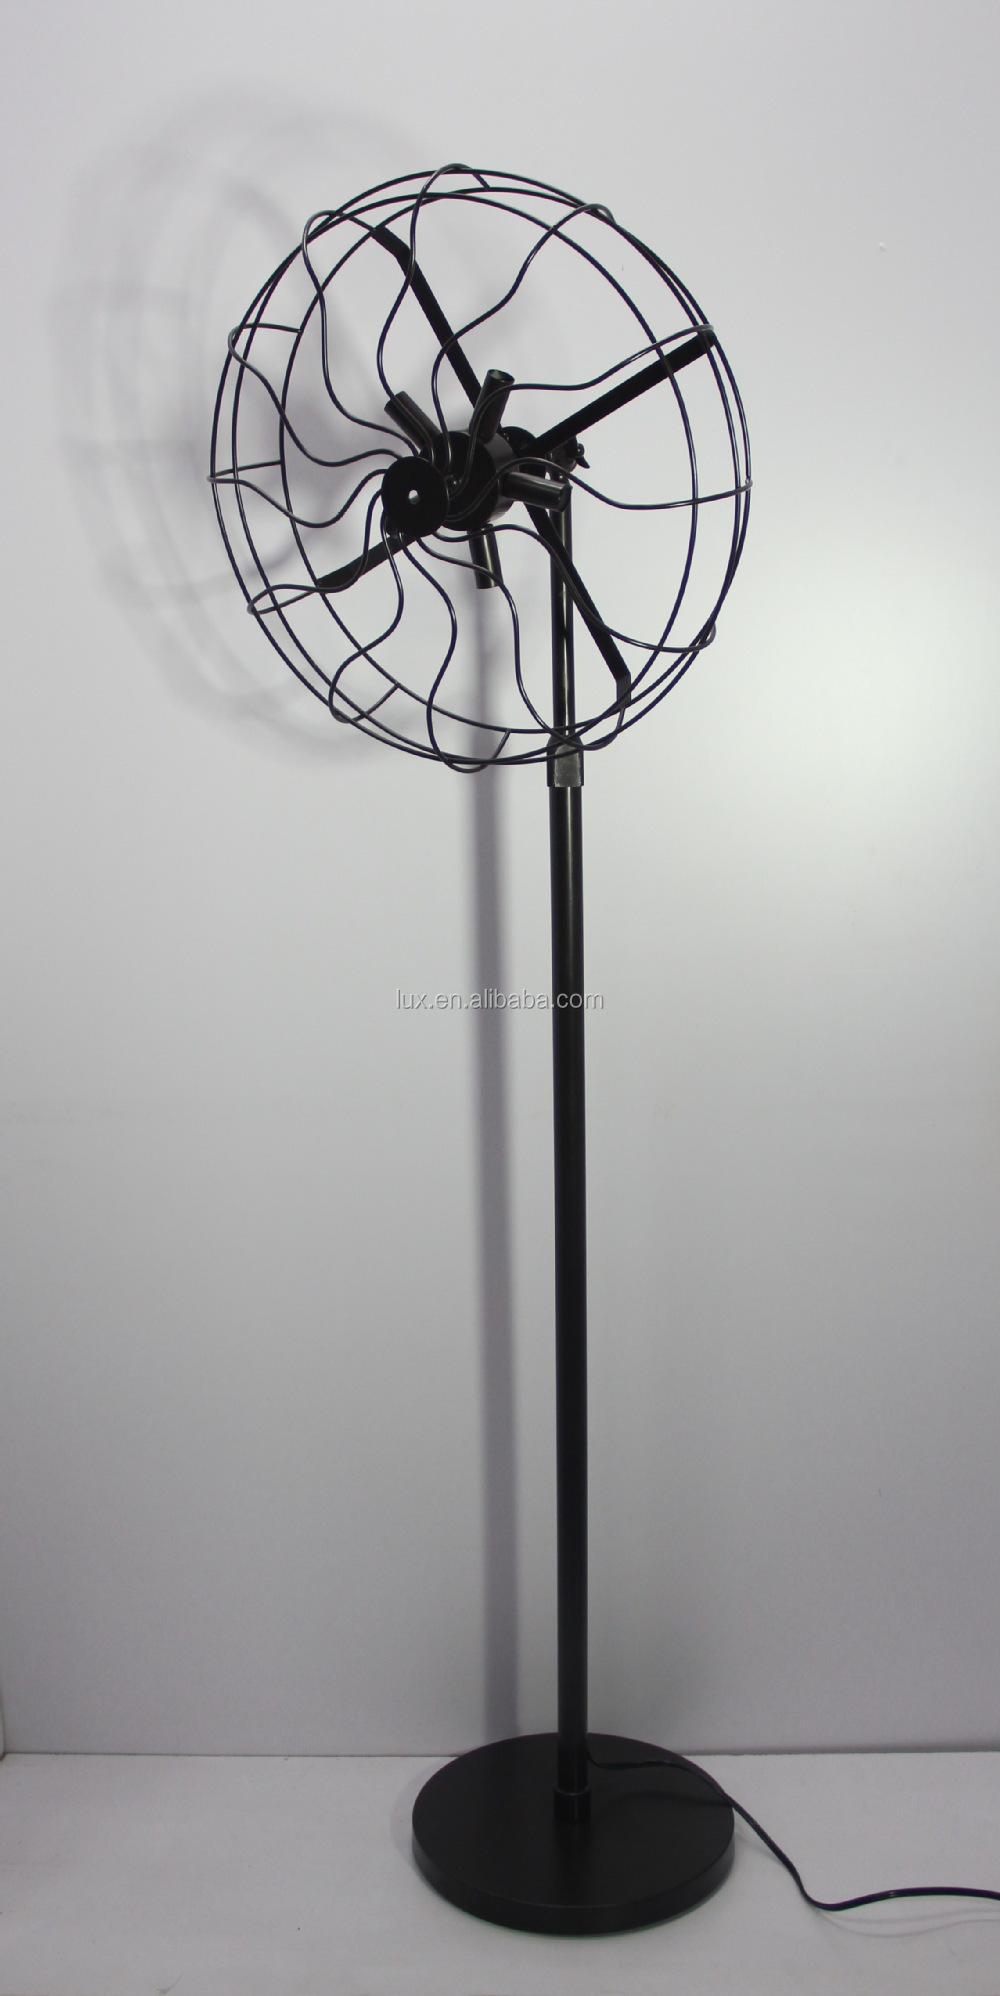 Meget Industrie Ventilator Vintage Stijl Loft Statief Vloerlamp Voor Het BZ63